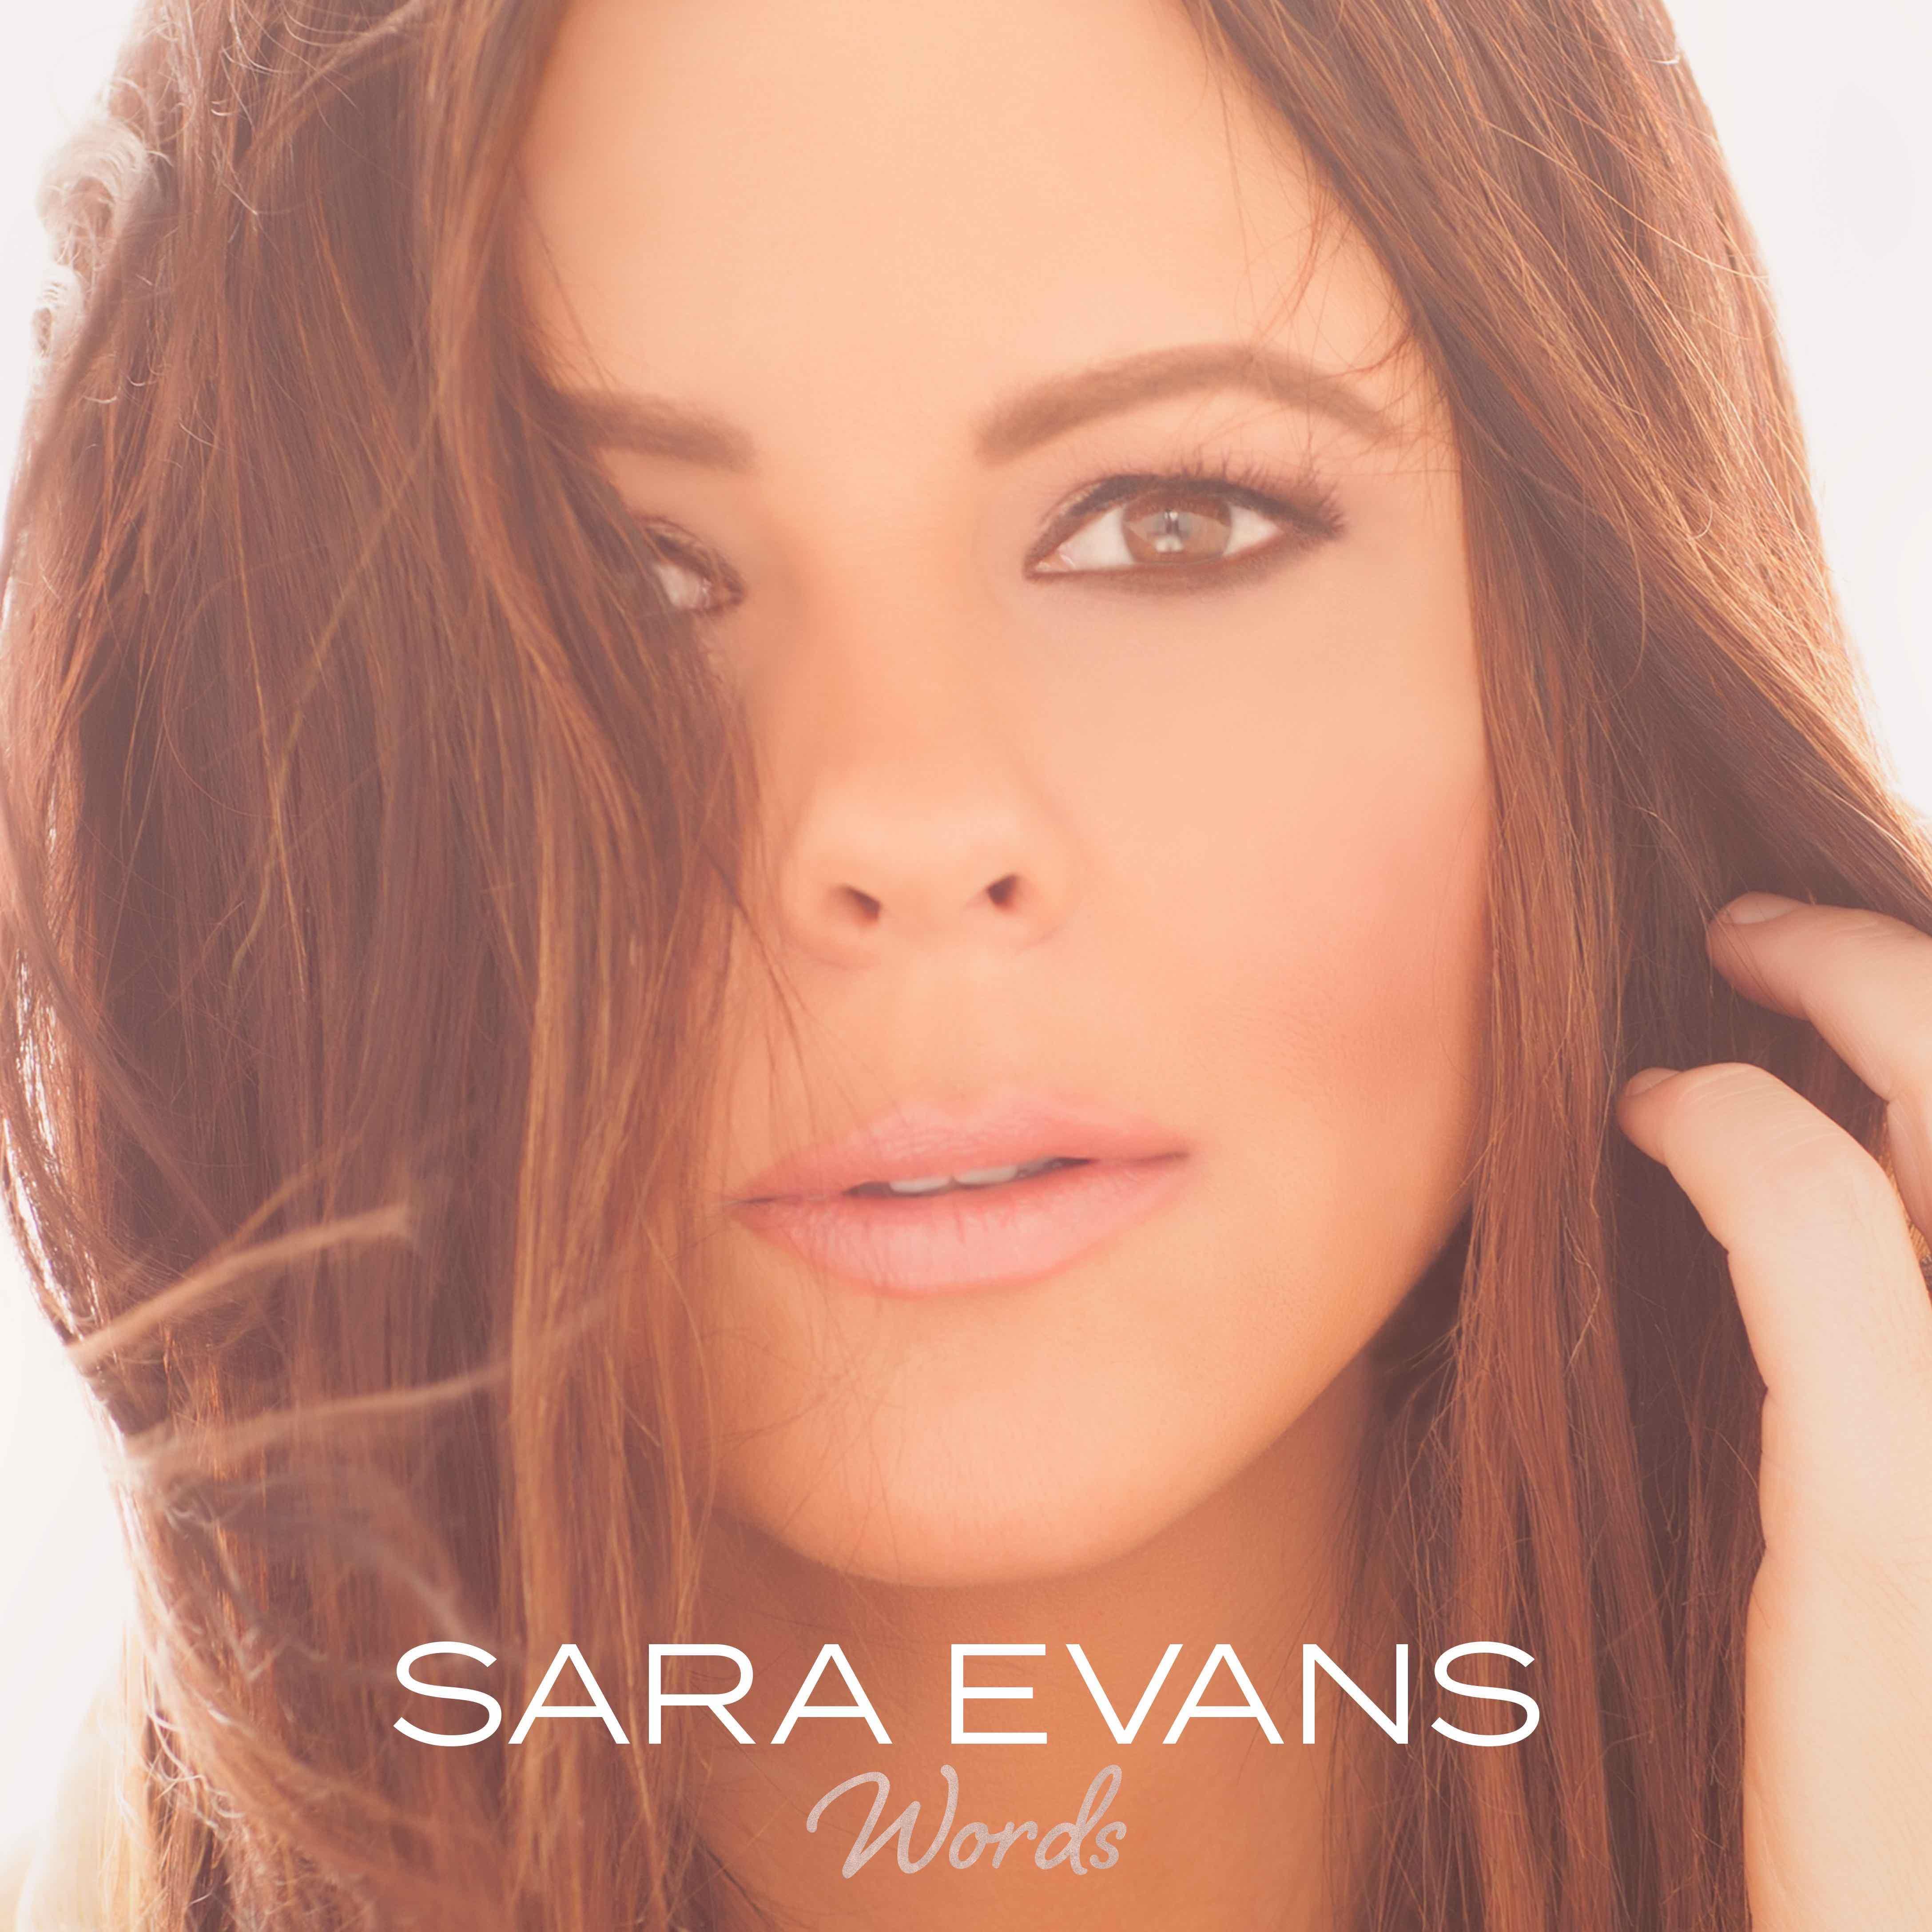 Sara Evans' New Album 'Words' is a Family Affair